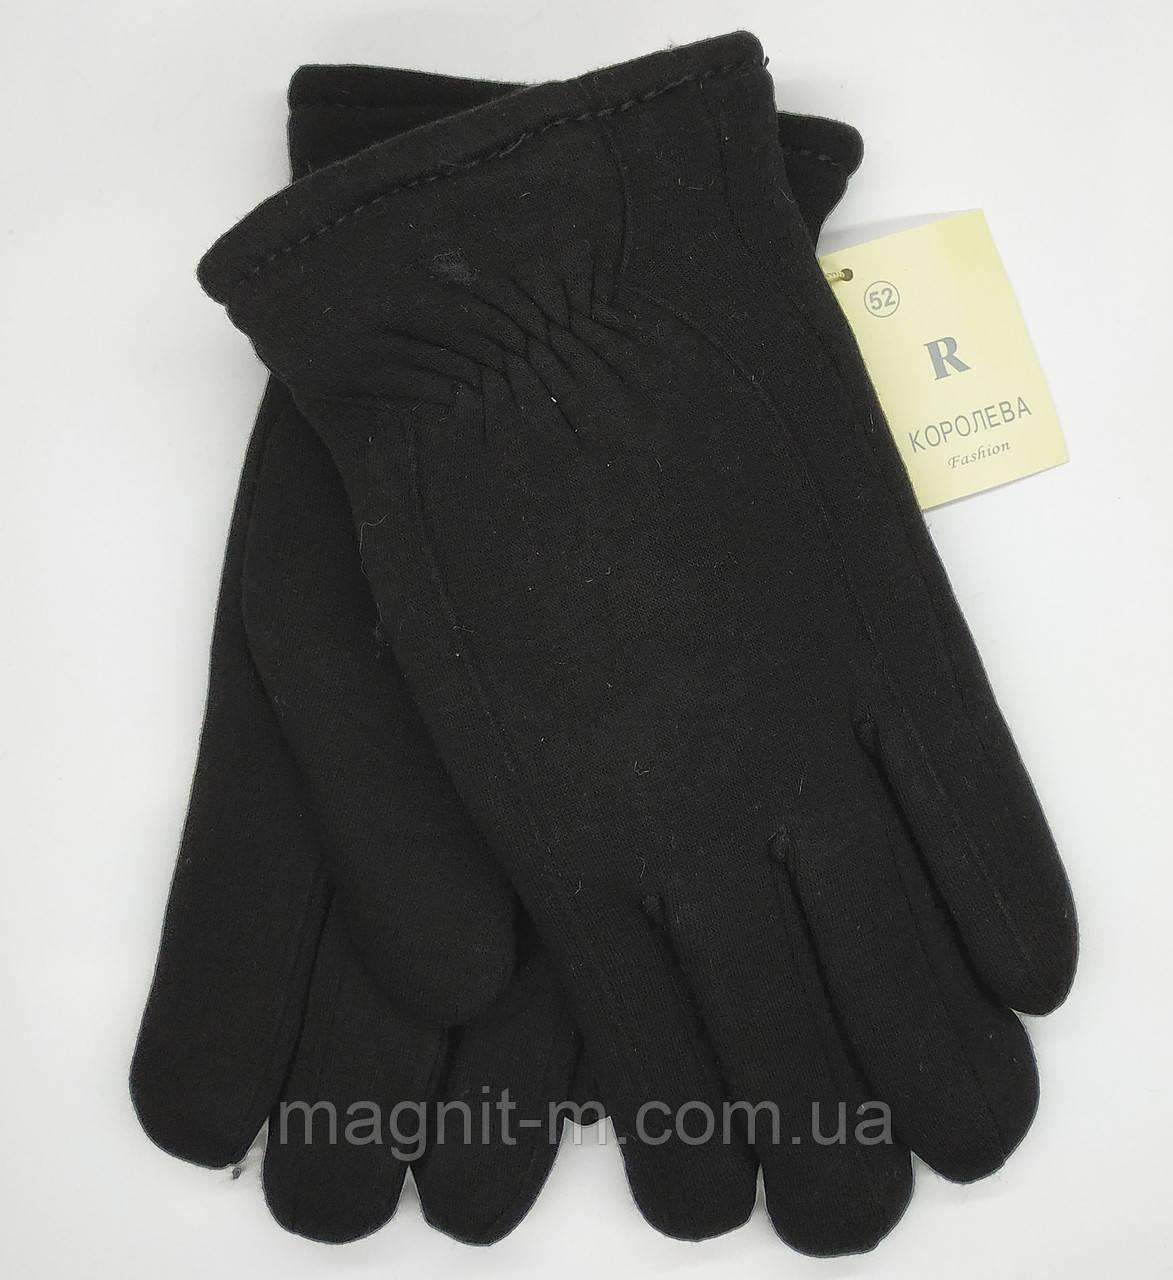 """Перчатки мужские зимние трикотажные """"Королева"""". Очень теплые. Черный цвет."""